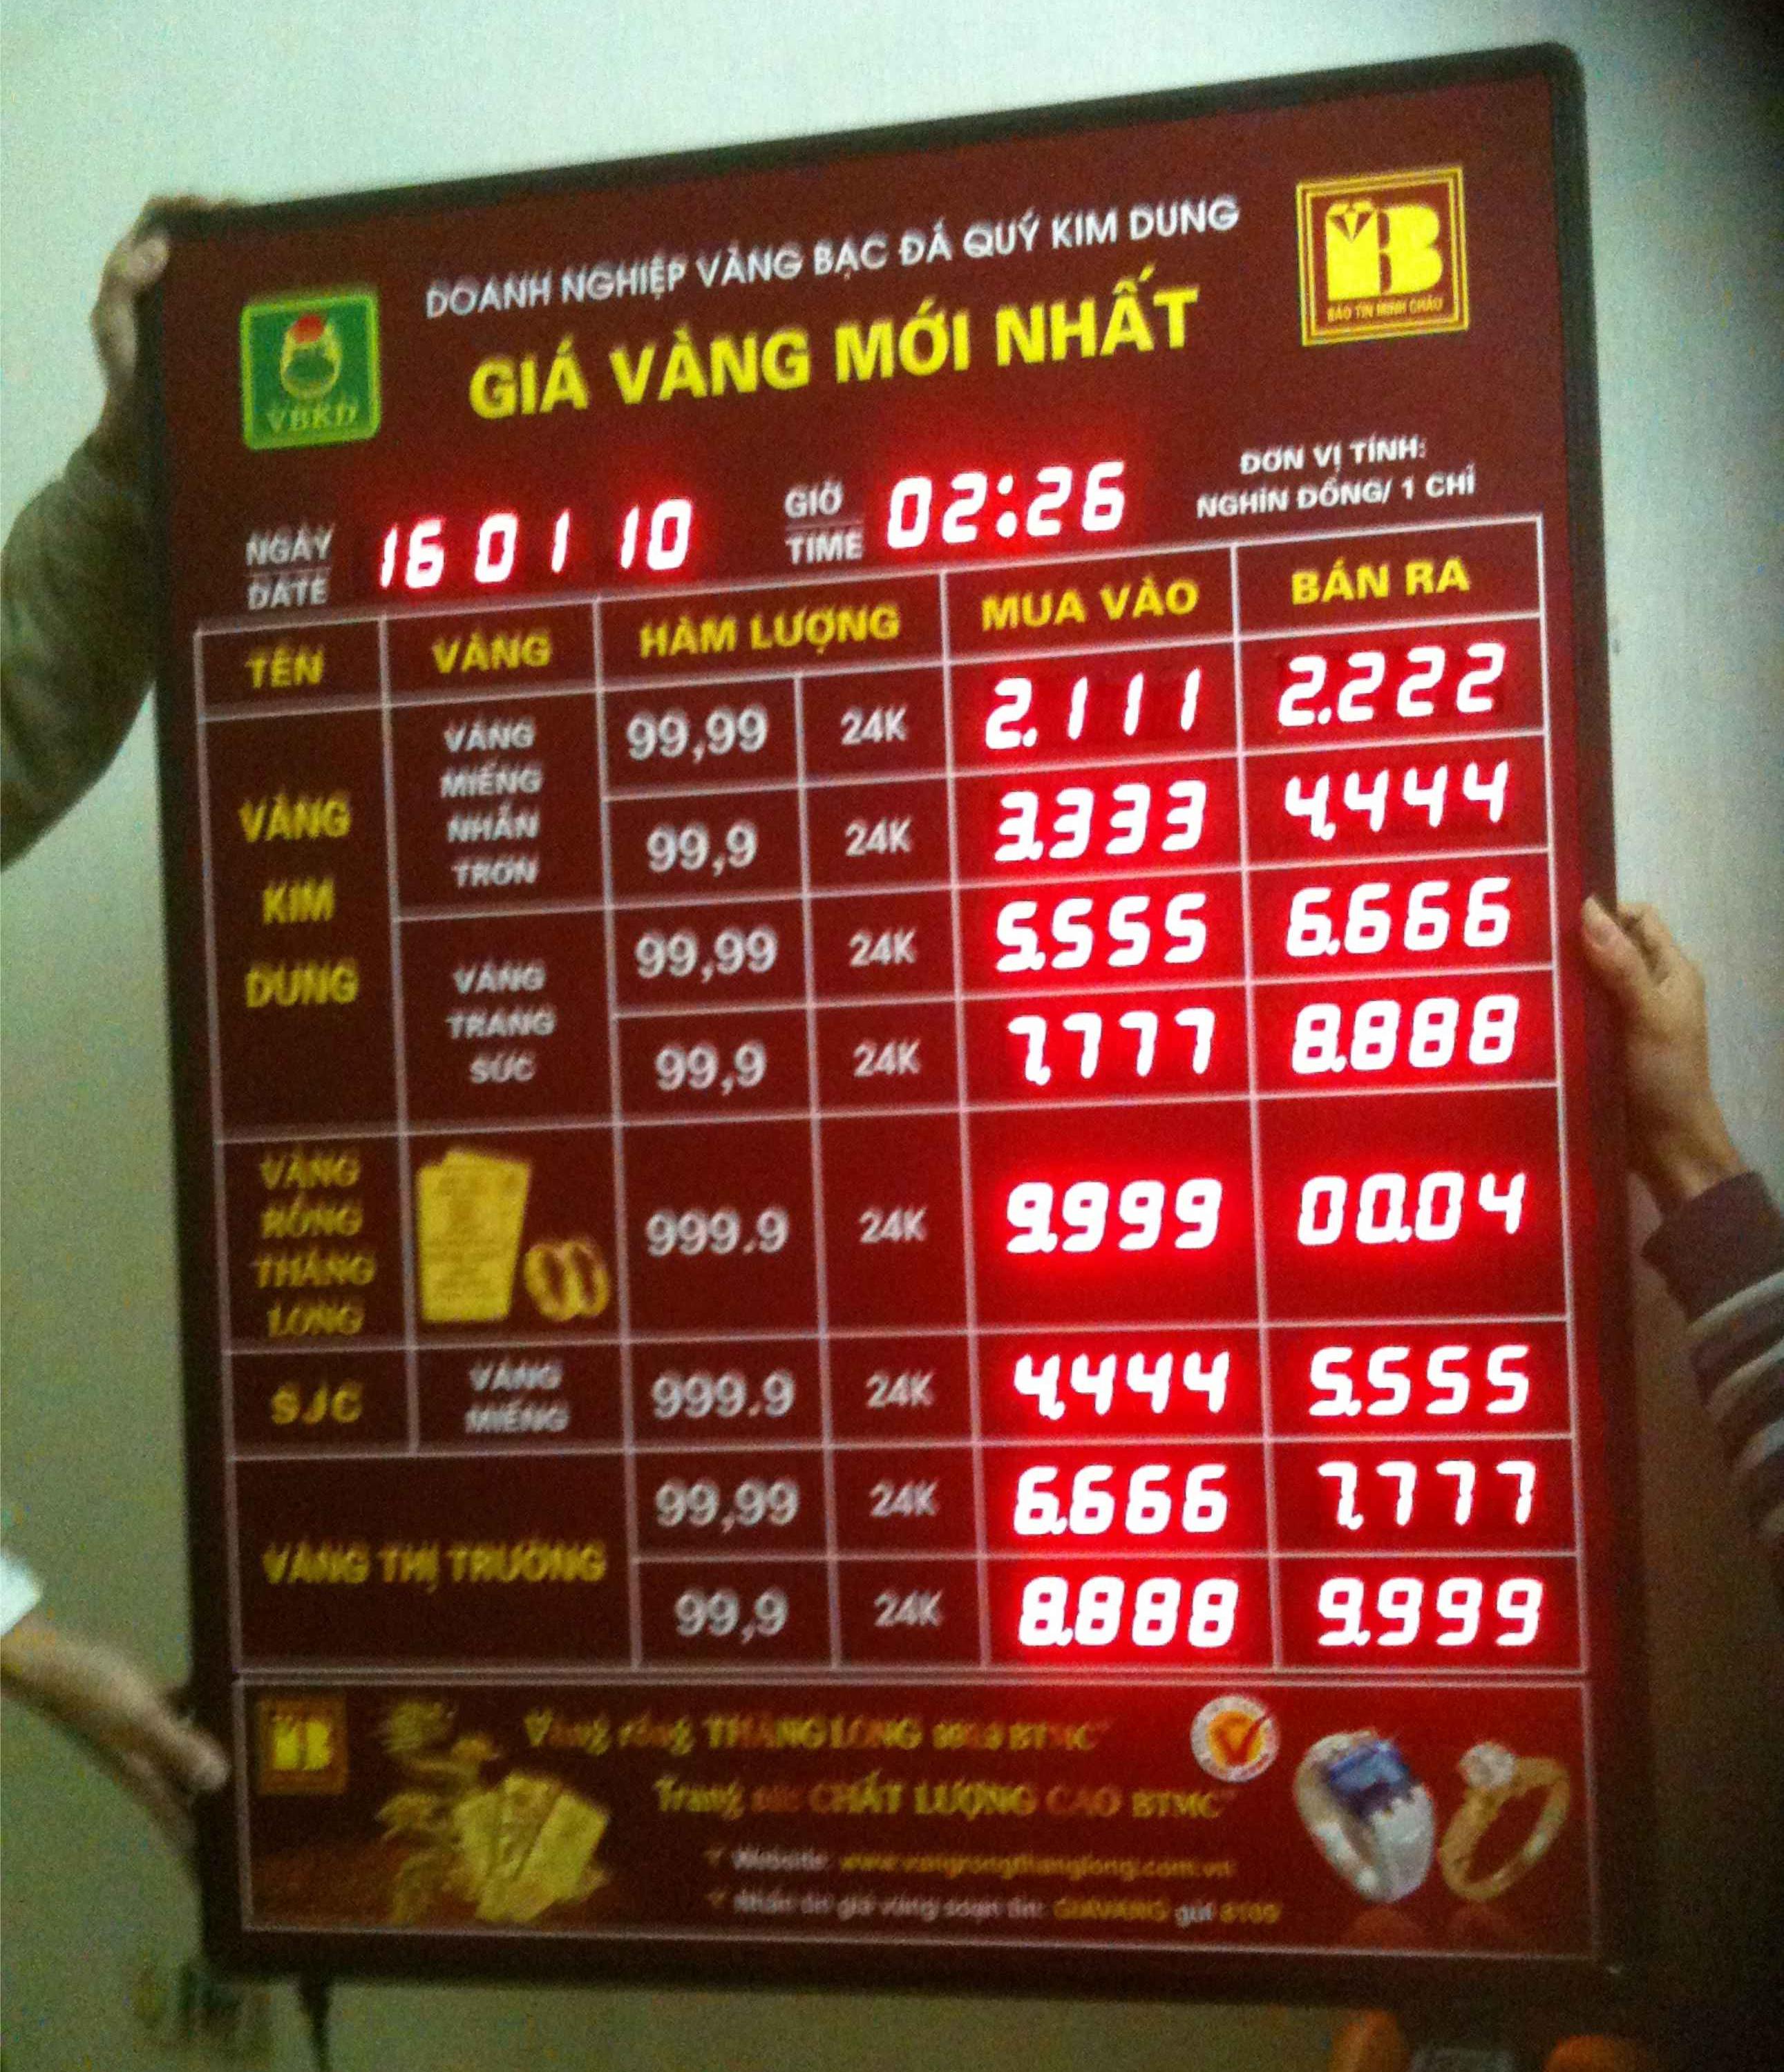 Bảng led điện tử tỷ giá vàng